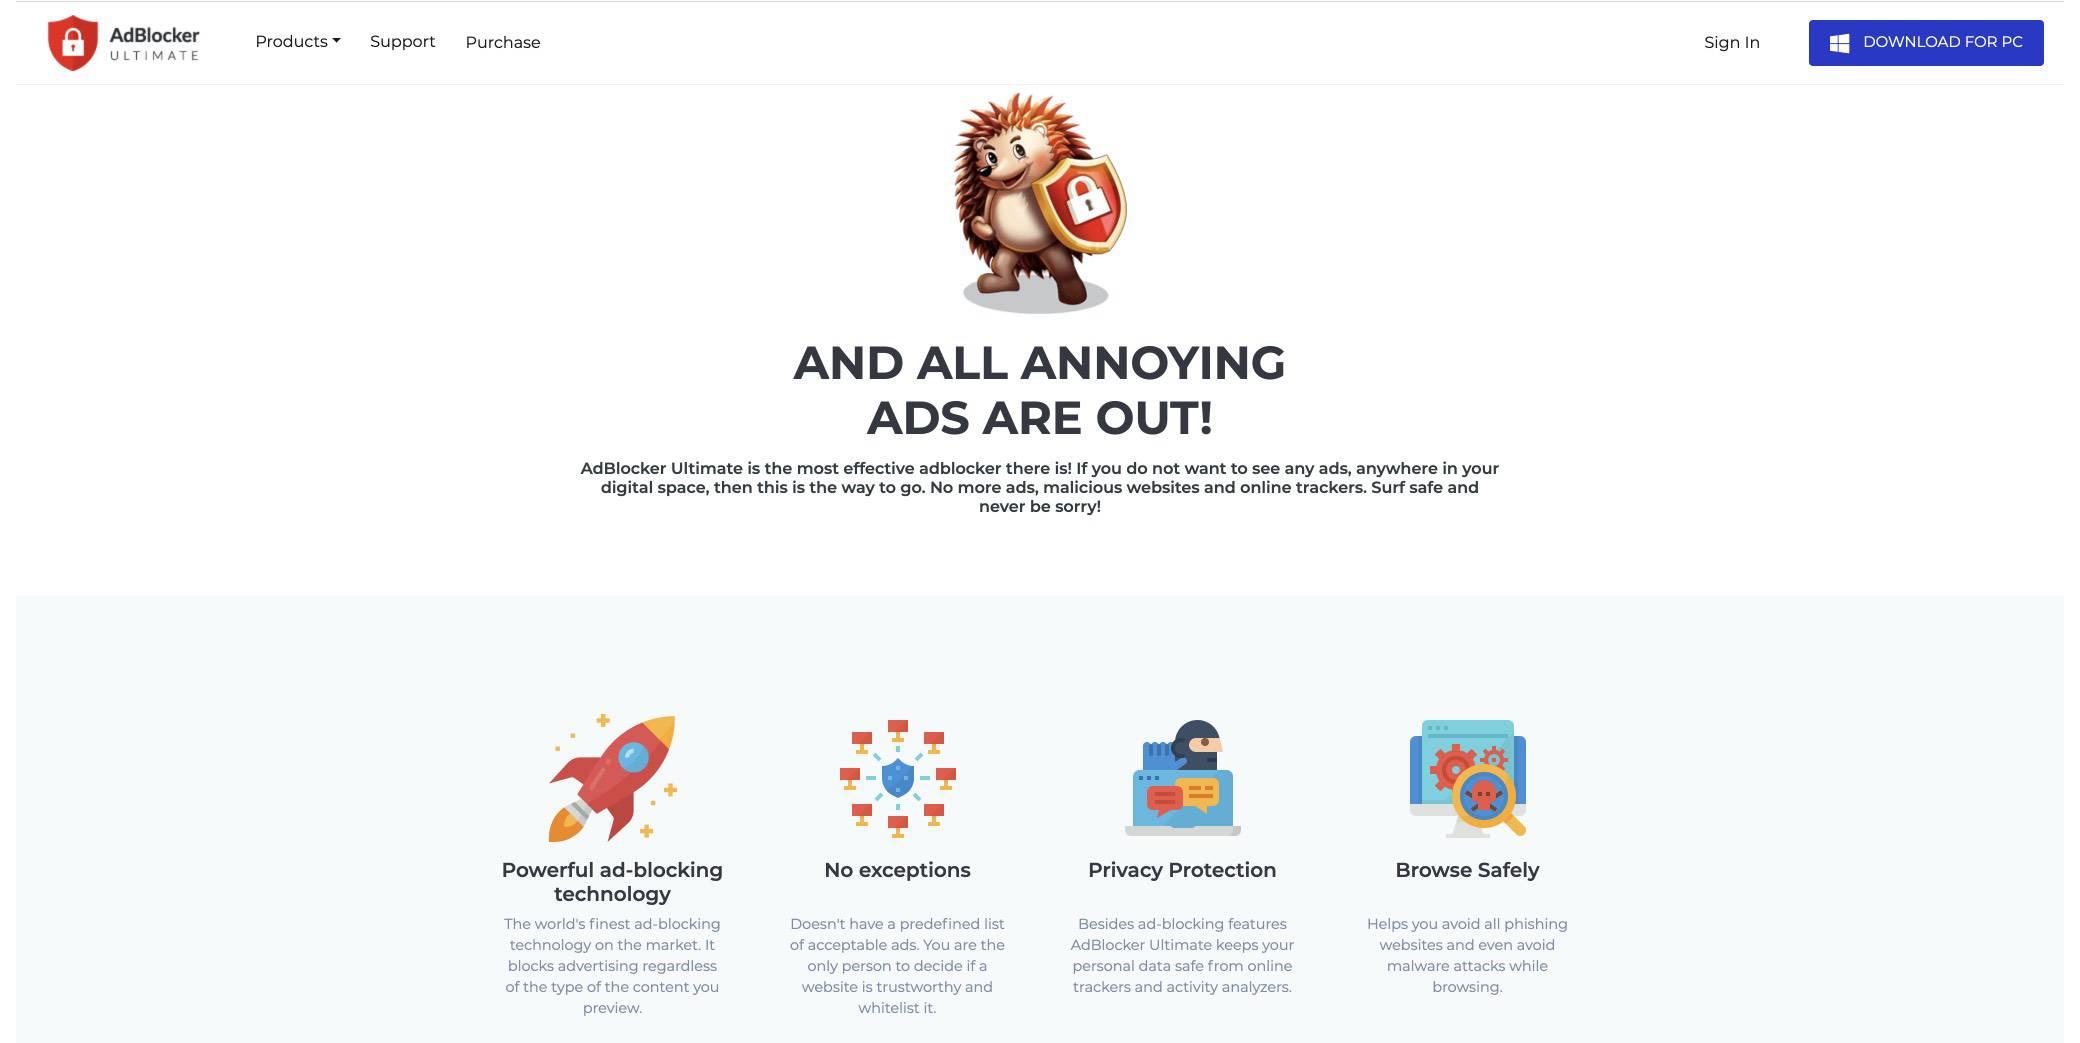 adblocker-ultimate screenshot